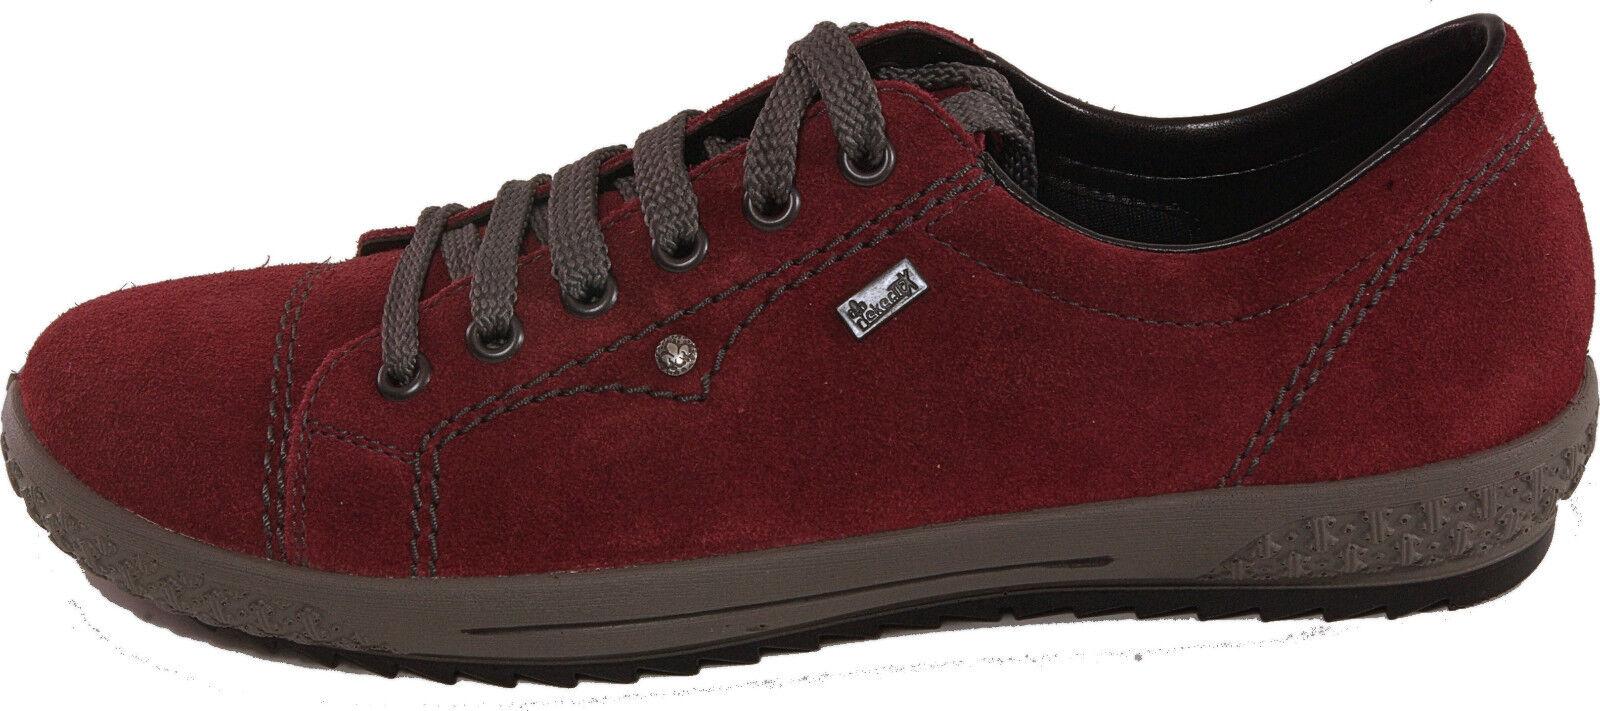 Rieker Scarpe Basse Sneaker normalissime echt NUOVO Leder Rosso Rieker TEX NUOVO echt 97b486